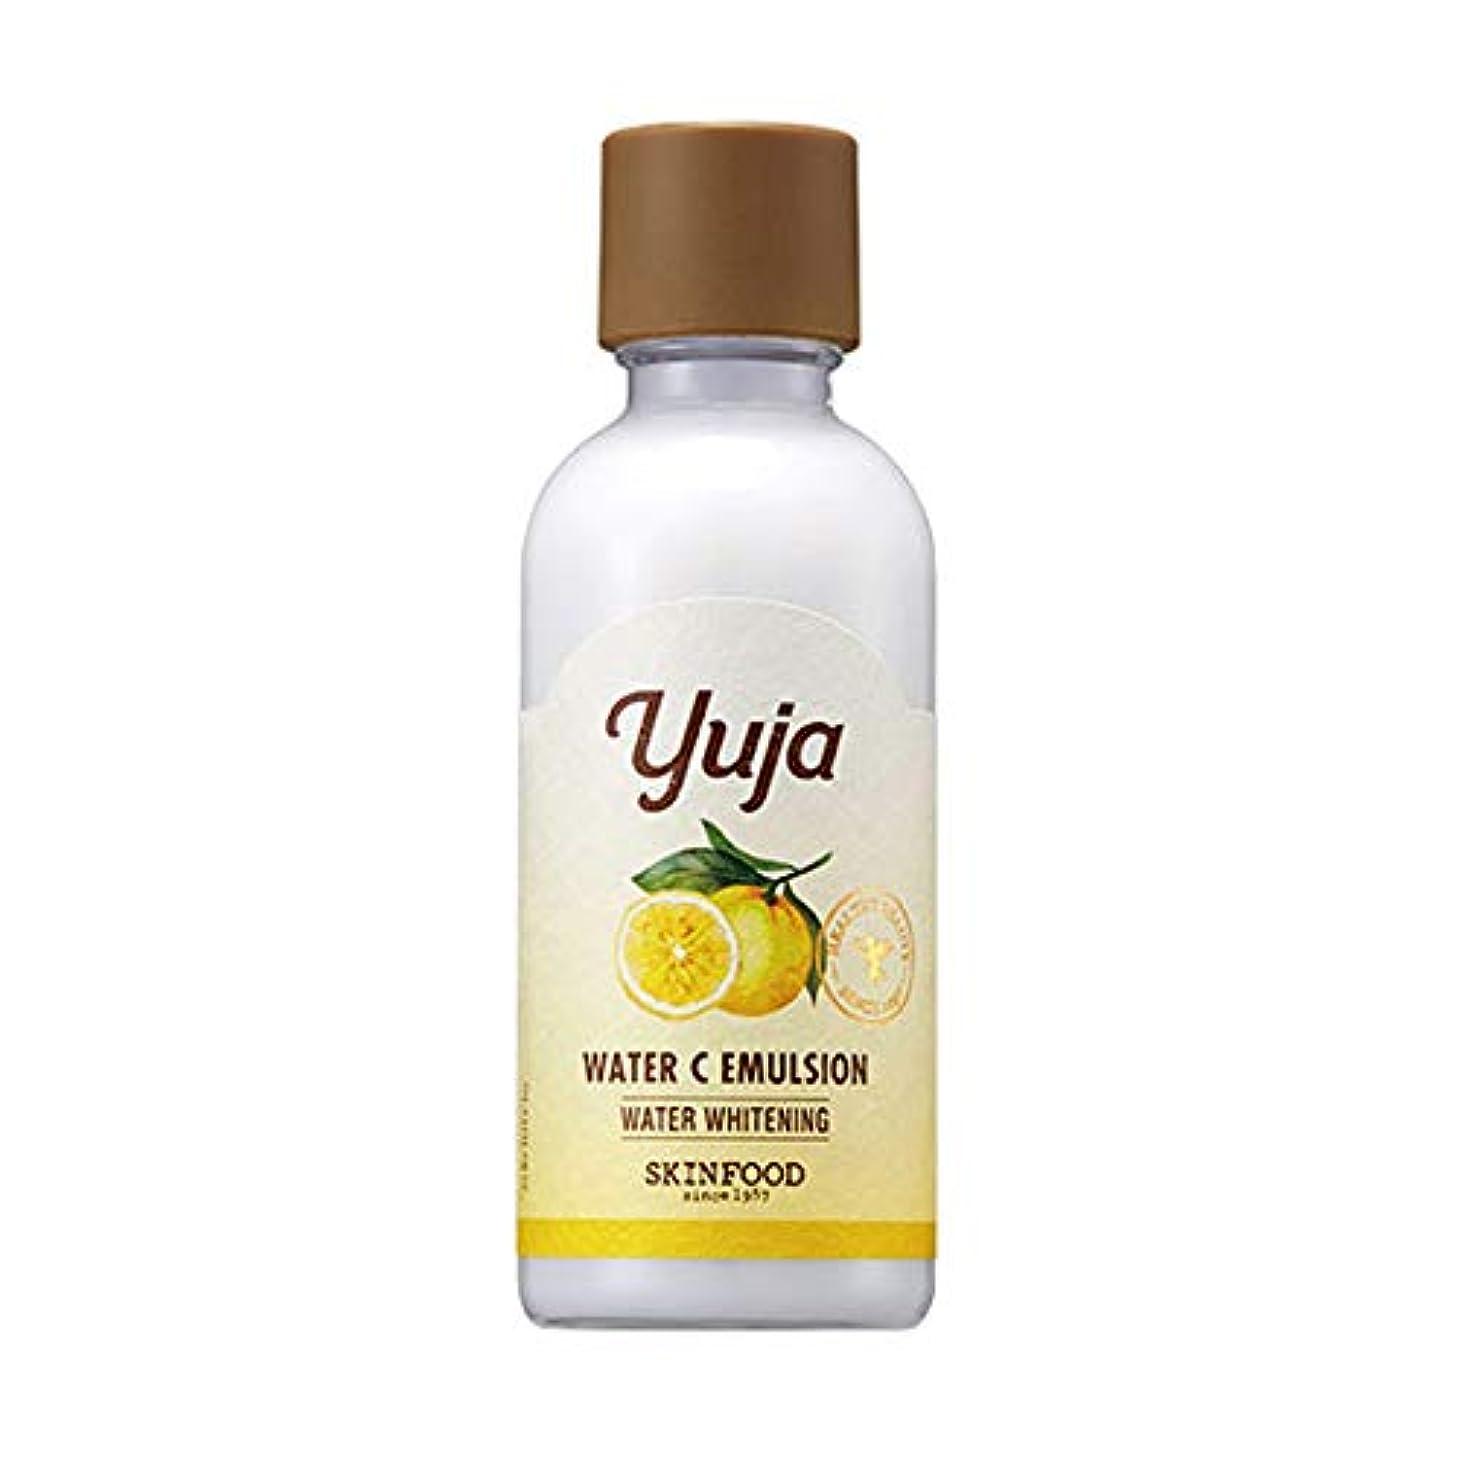 残忍なエゴイズム自然公園Skinfood Yuja Water Cエマルジョン/Yuja Water C Emulsion 160ml [並行輸入品]